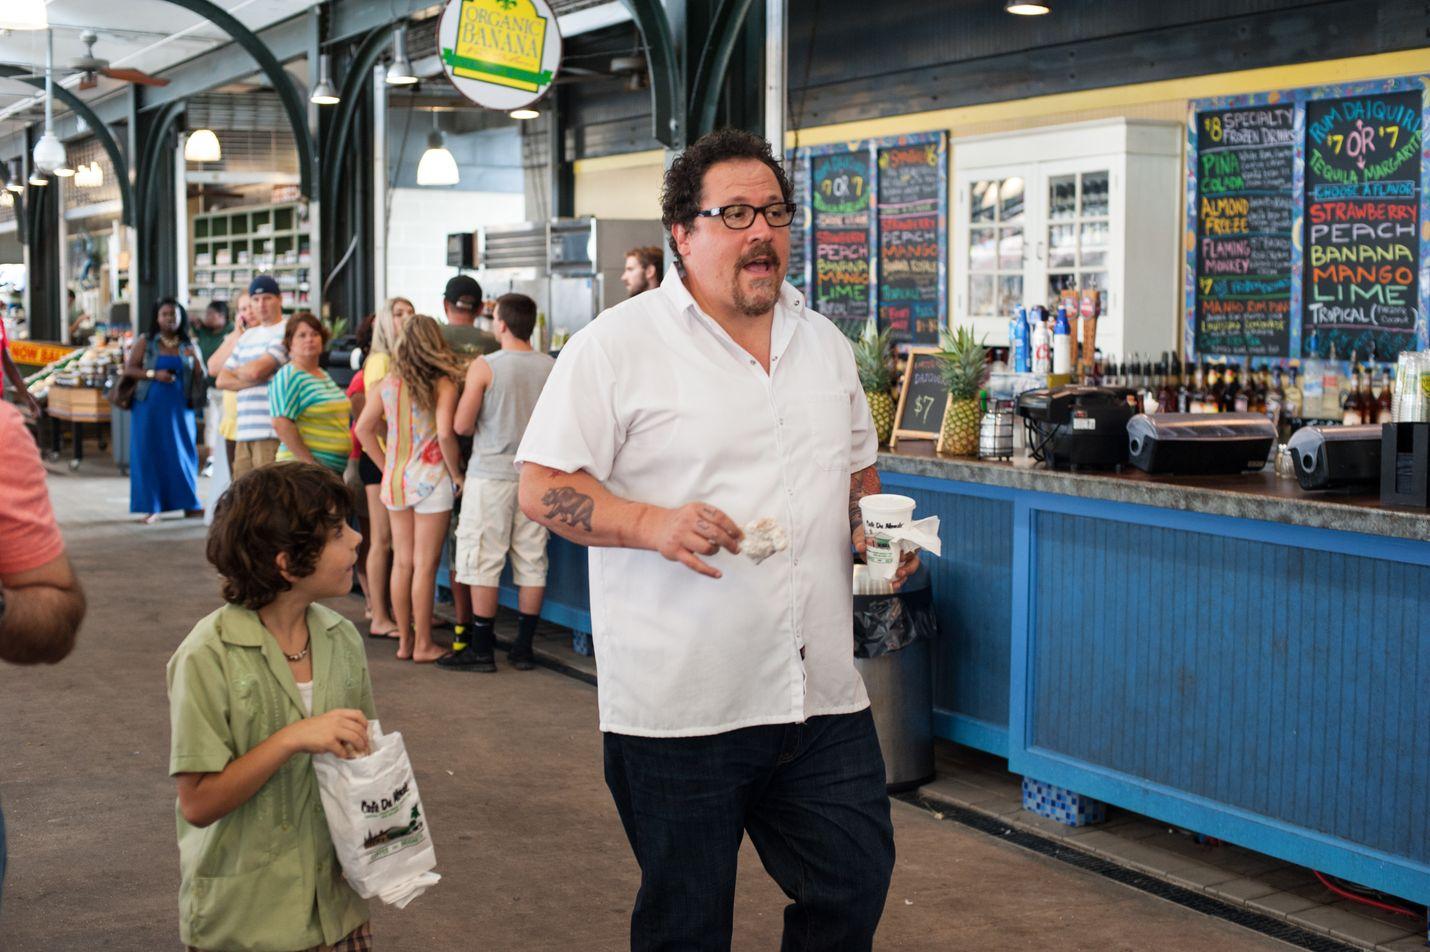 Komedia kertoo losangelesilaisesta kokista (Jon Favreau), joka menettää työnsä kun raivokohtaus asiakasta kohtaan menee viraaliksi. Hän lähtee parhaan ystävänsä ja poikansa (Emjay Anthony ) kanssa kiertämään Amerikkaa kunnostetulla grilliautolla.